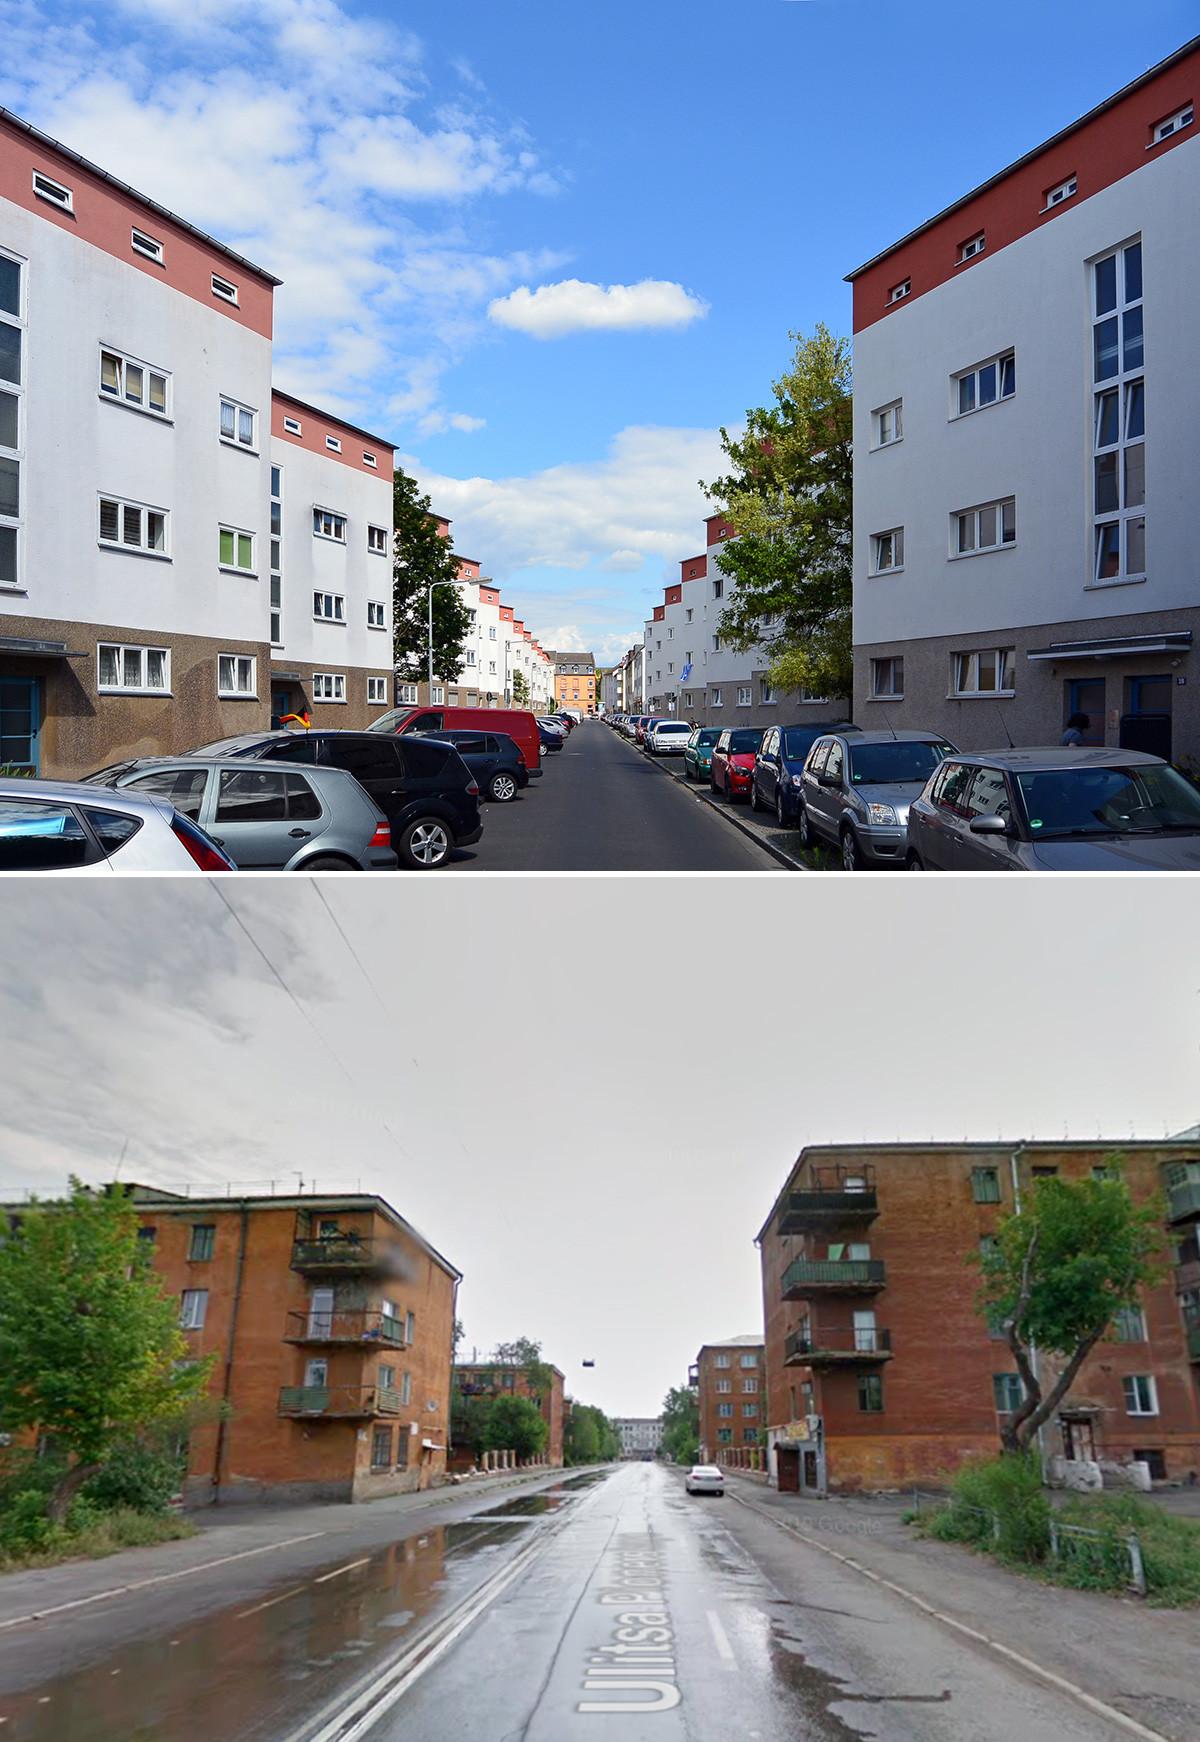 Сверху: Дома по проекту Мая во Франкфурте. Снизу: Соцгород Магнитогорска.